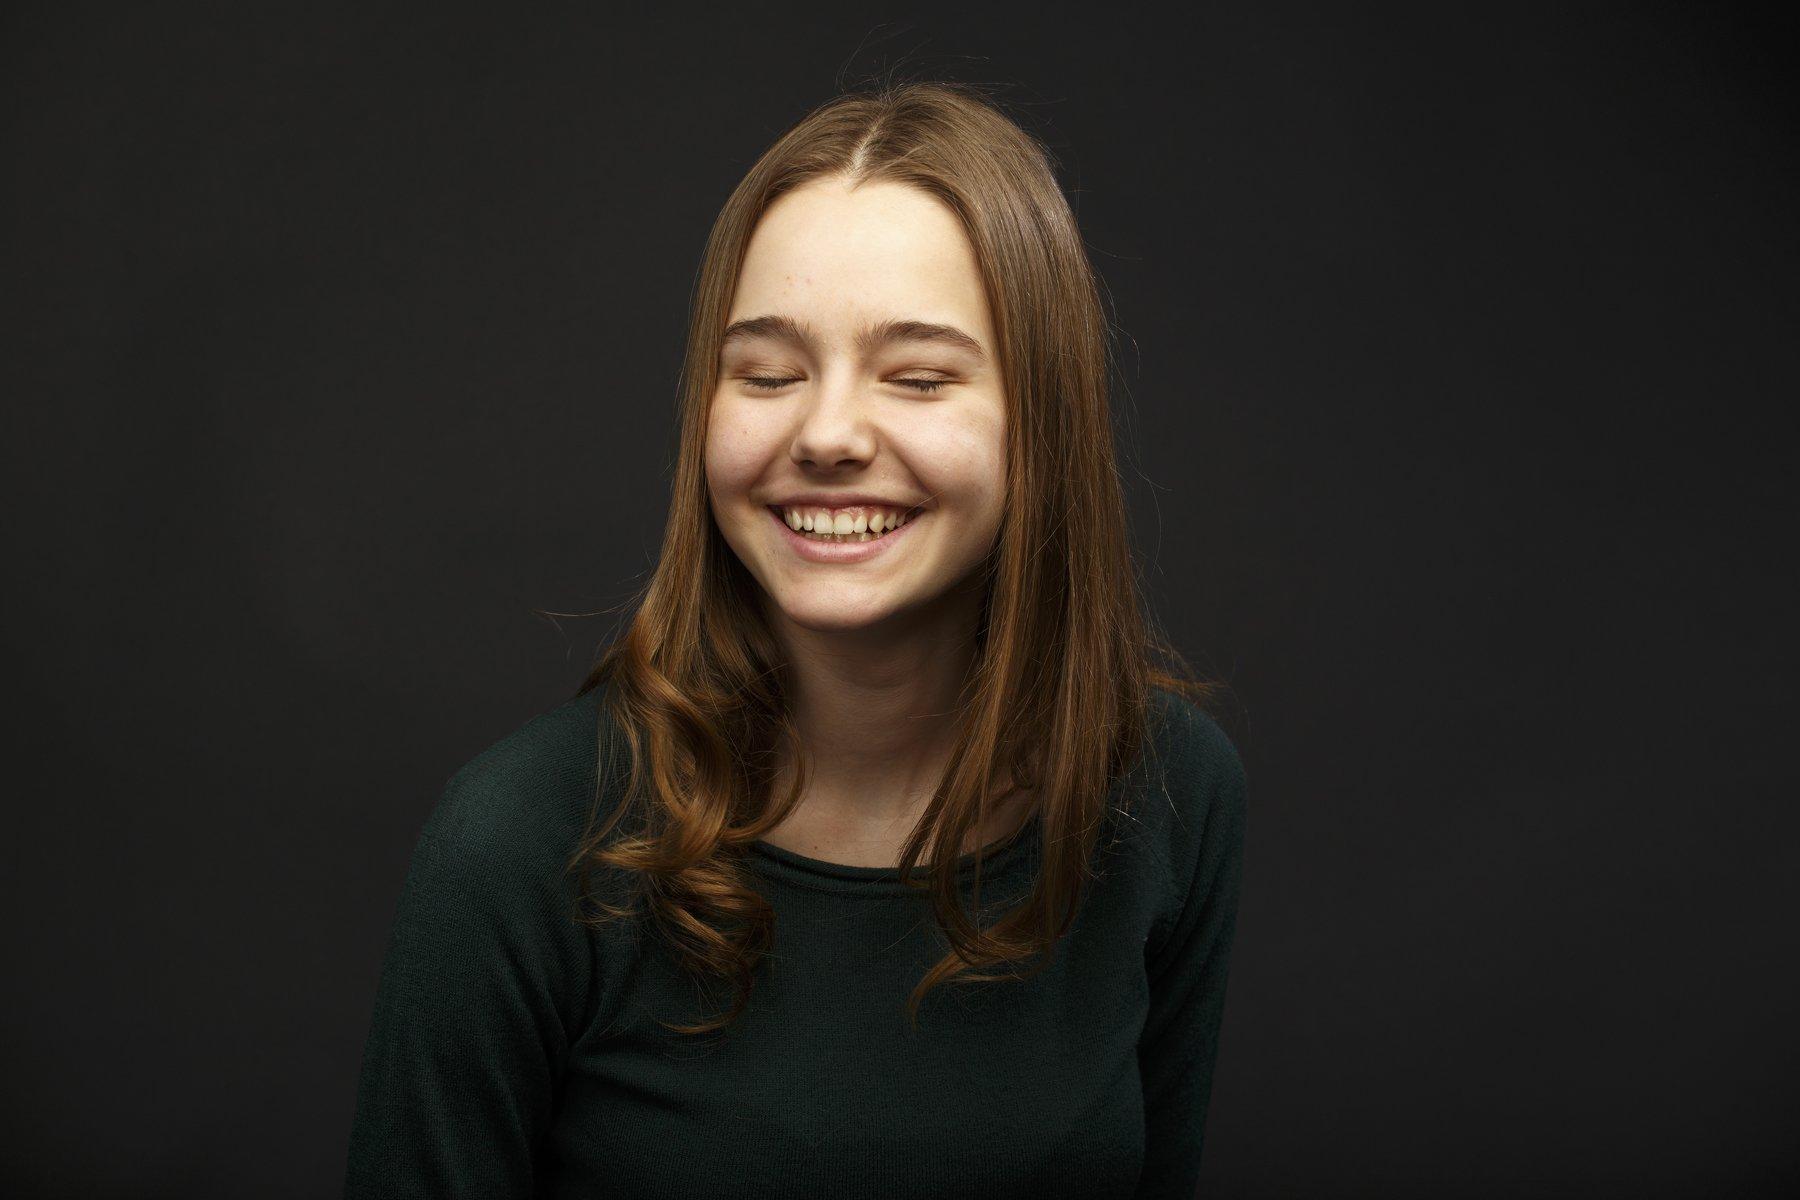 портрет настроение фото студия свет девушка, Zonder Alex